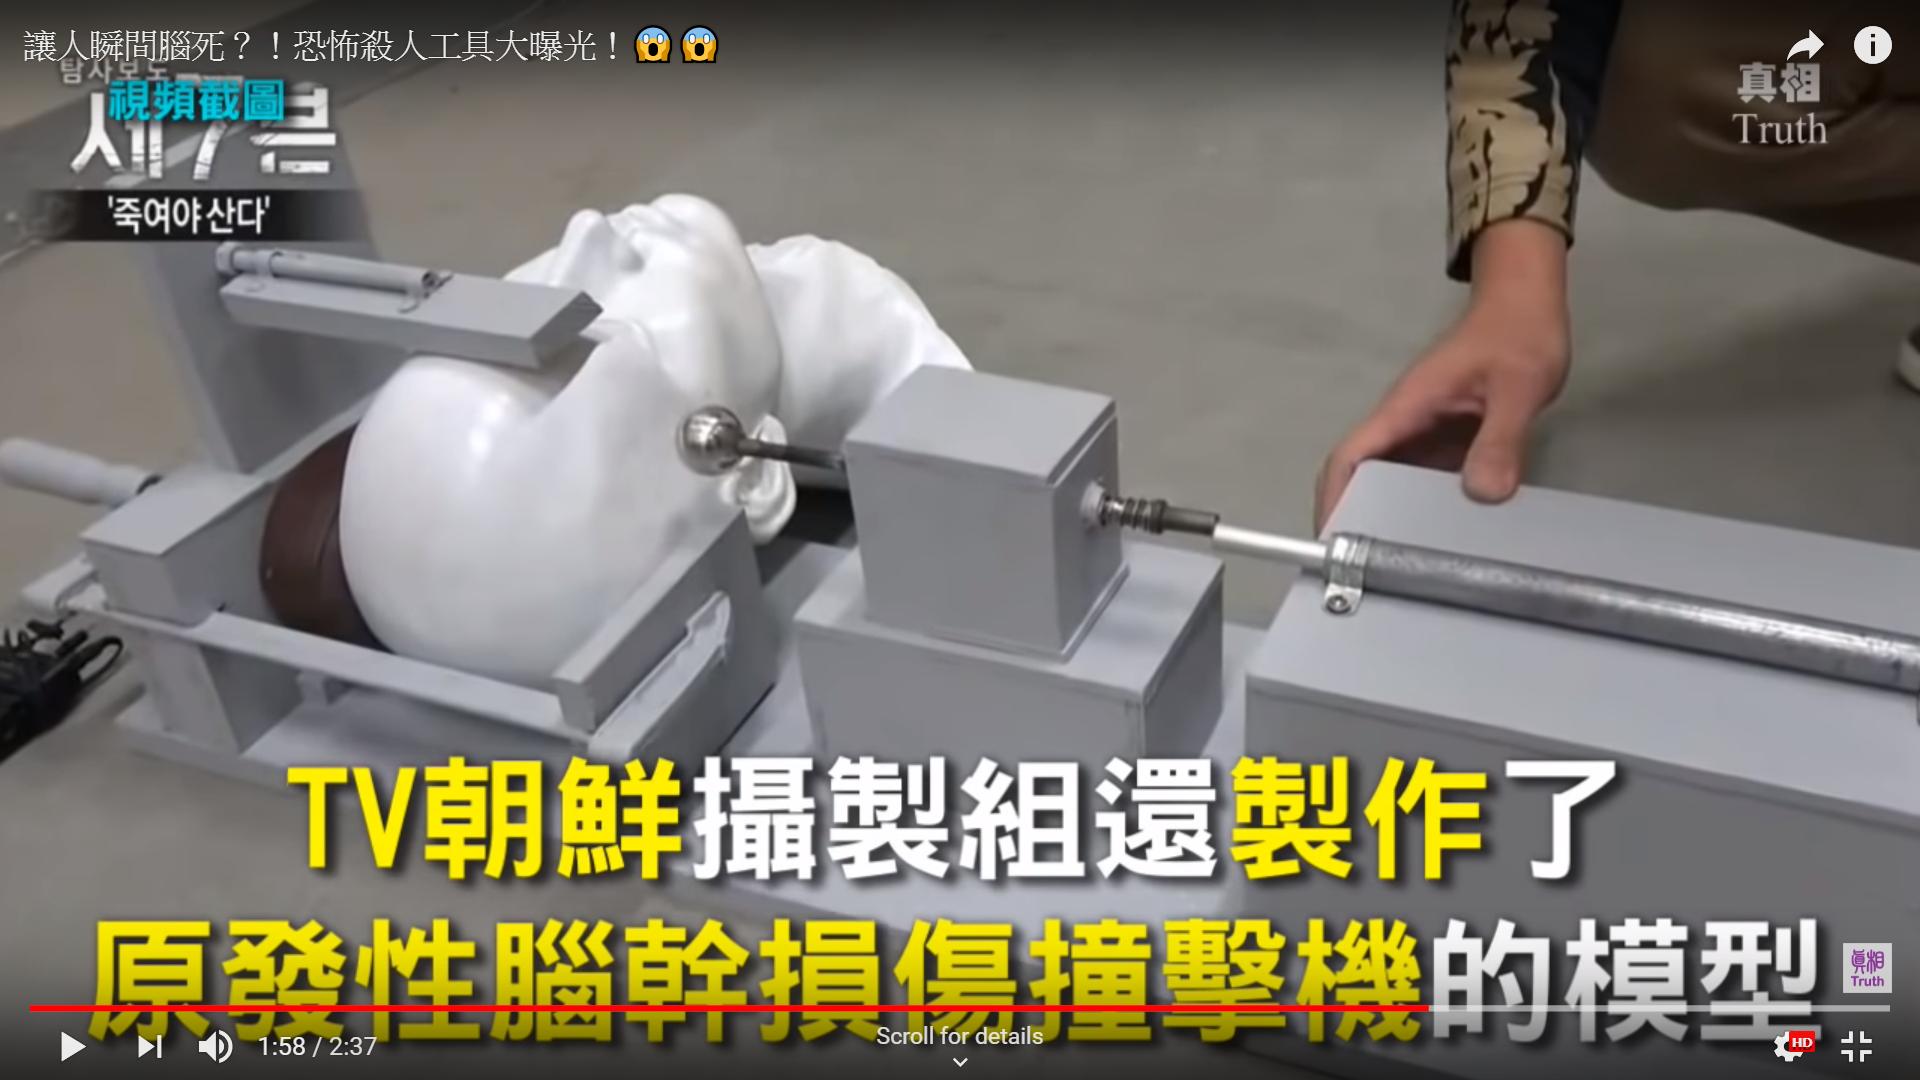 王立軍等的發明「原發性腦幹損傷撞擊機」模型。(影片截圖)